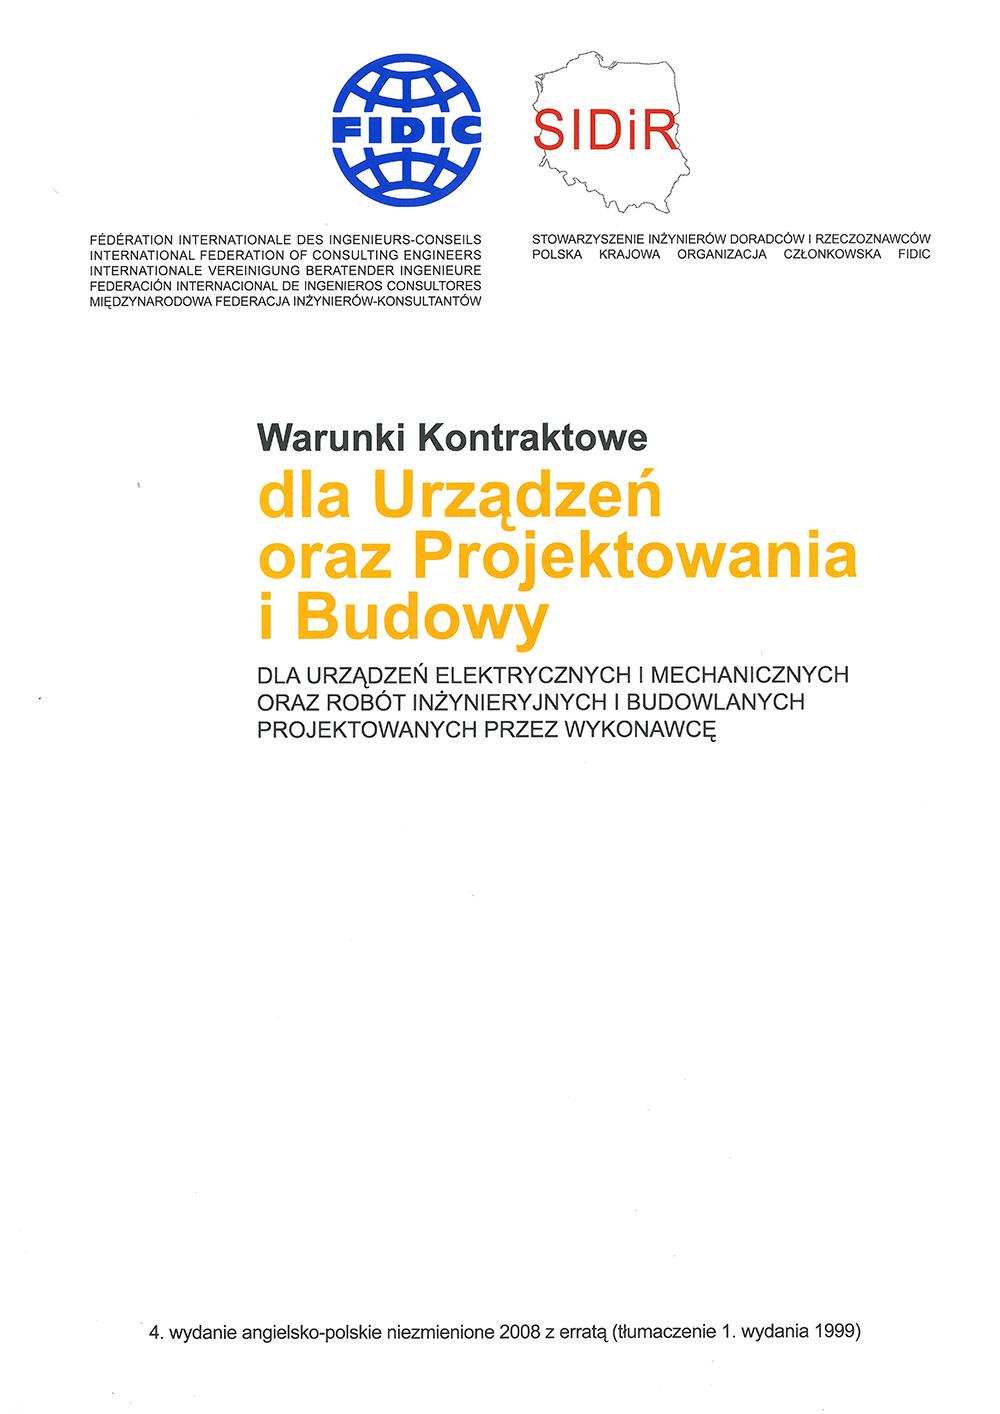 Warunki kontraktowe dla urządzeń oraz projektowania i budowy.  FIDIC Żółty